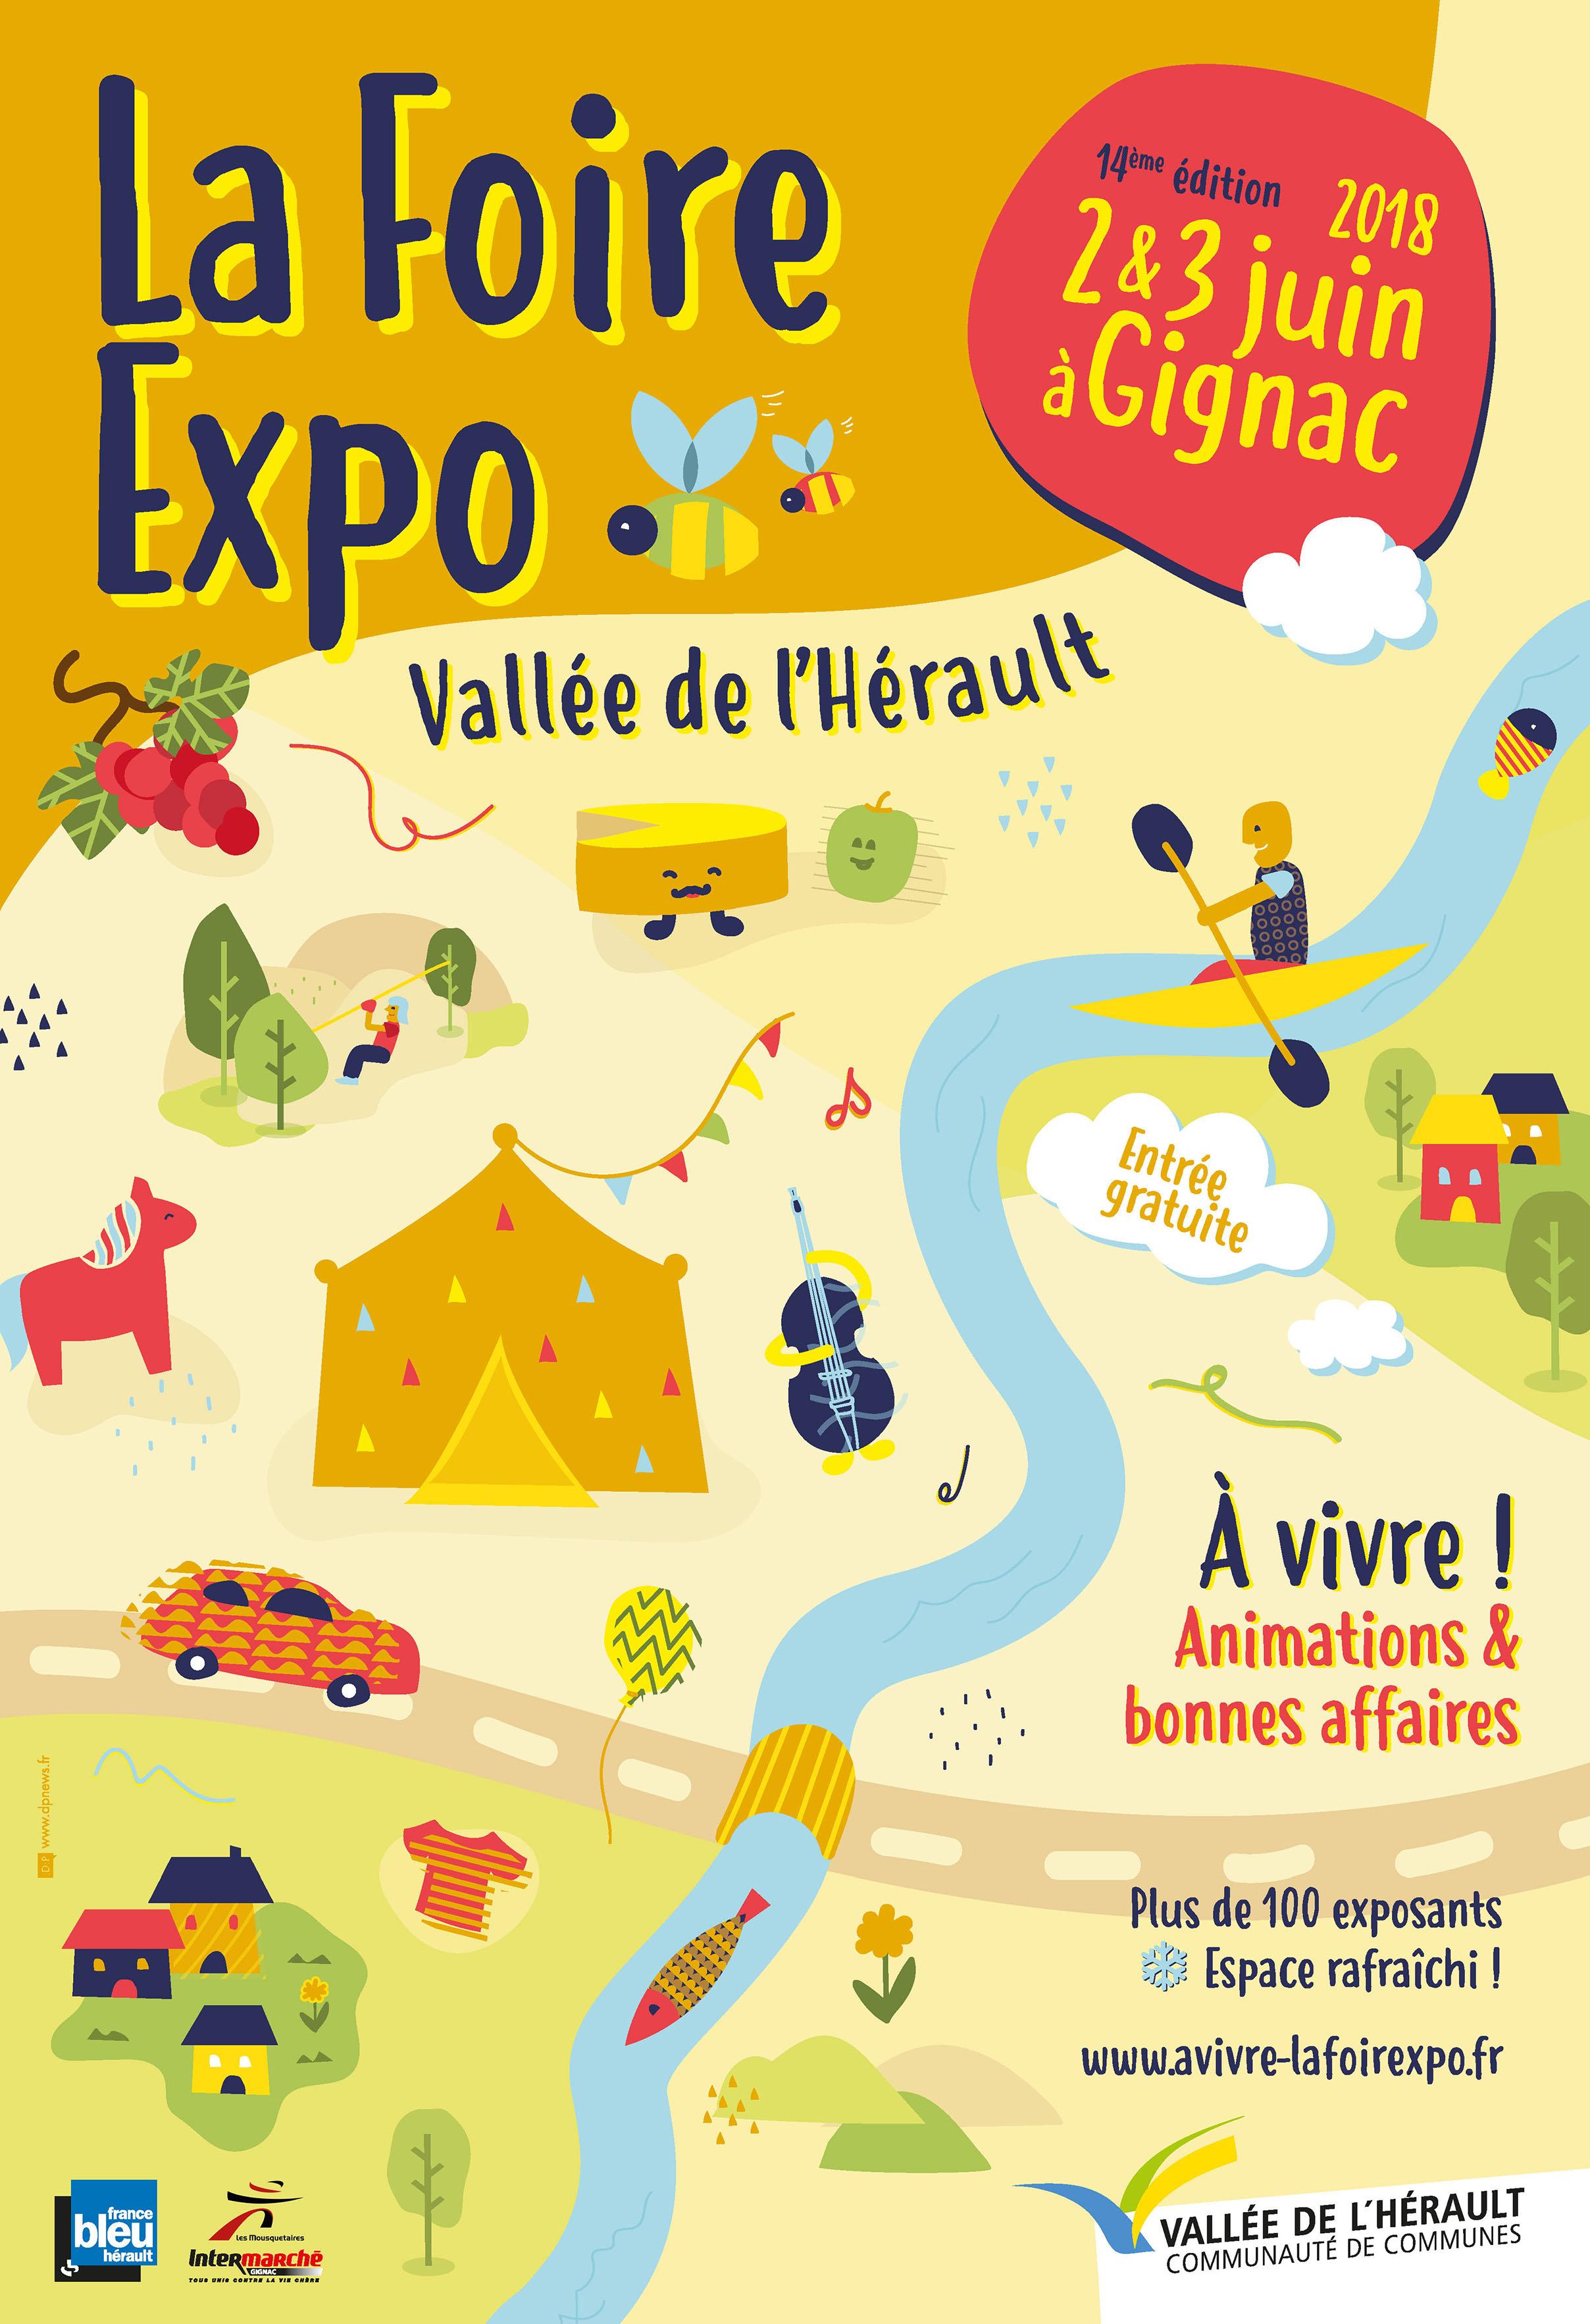 A VIVRE ! LA FOIRE-EXPO EN VALLÉE DE L'HÉRAULT